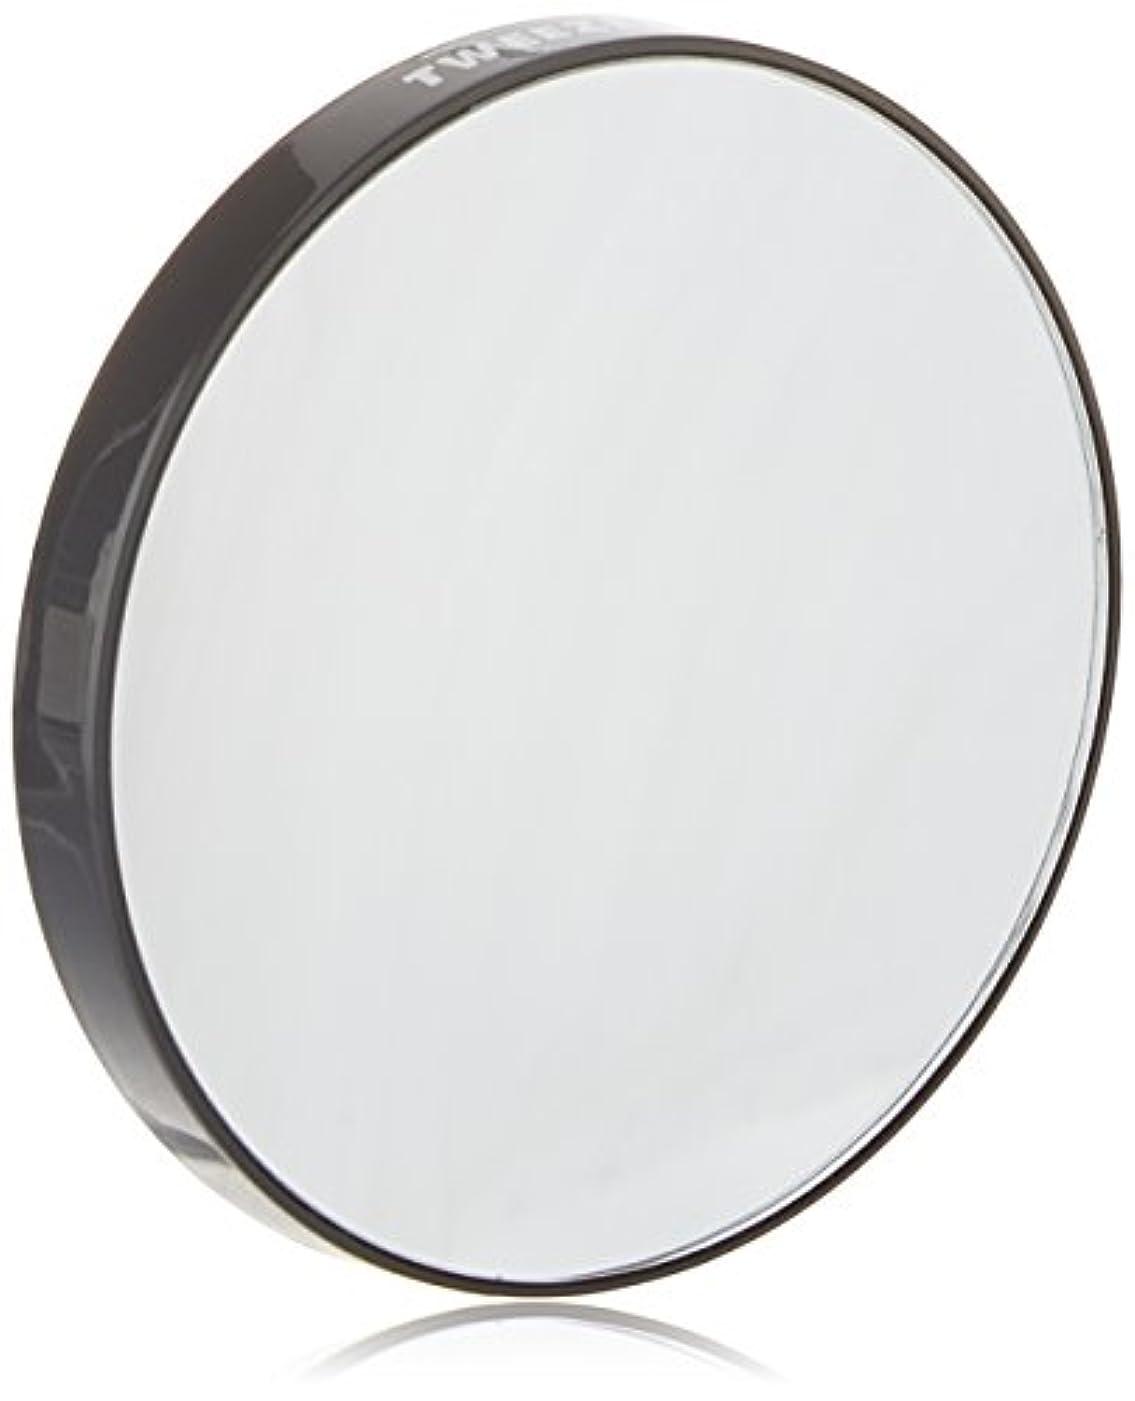 マキシム大きなスケールで見ると同意ツィーザーマン プロフェッショナル ツイーザーメイト 12倍拡大鏡 -